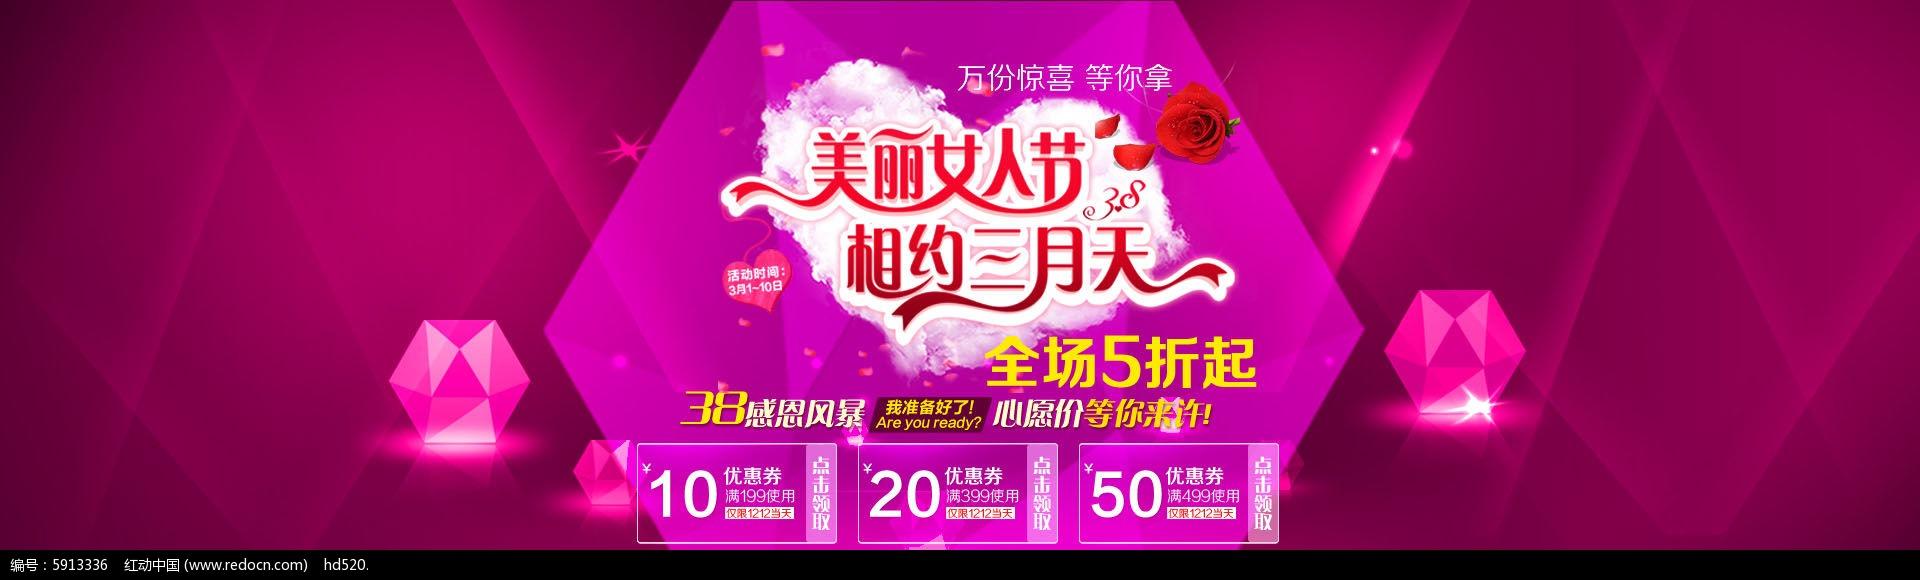 38妇女节淘宝促销海报图片